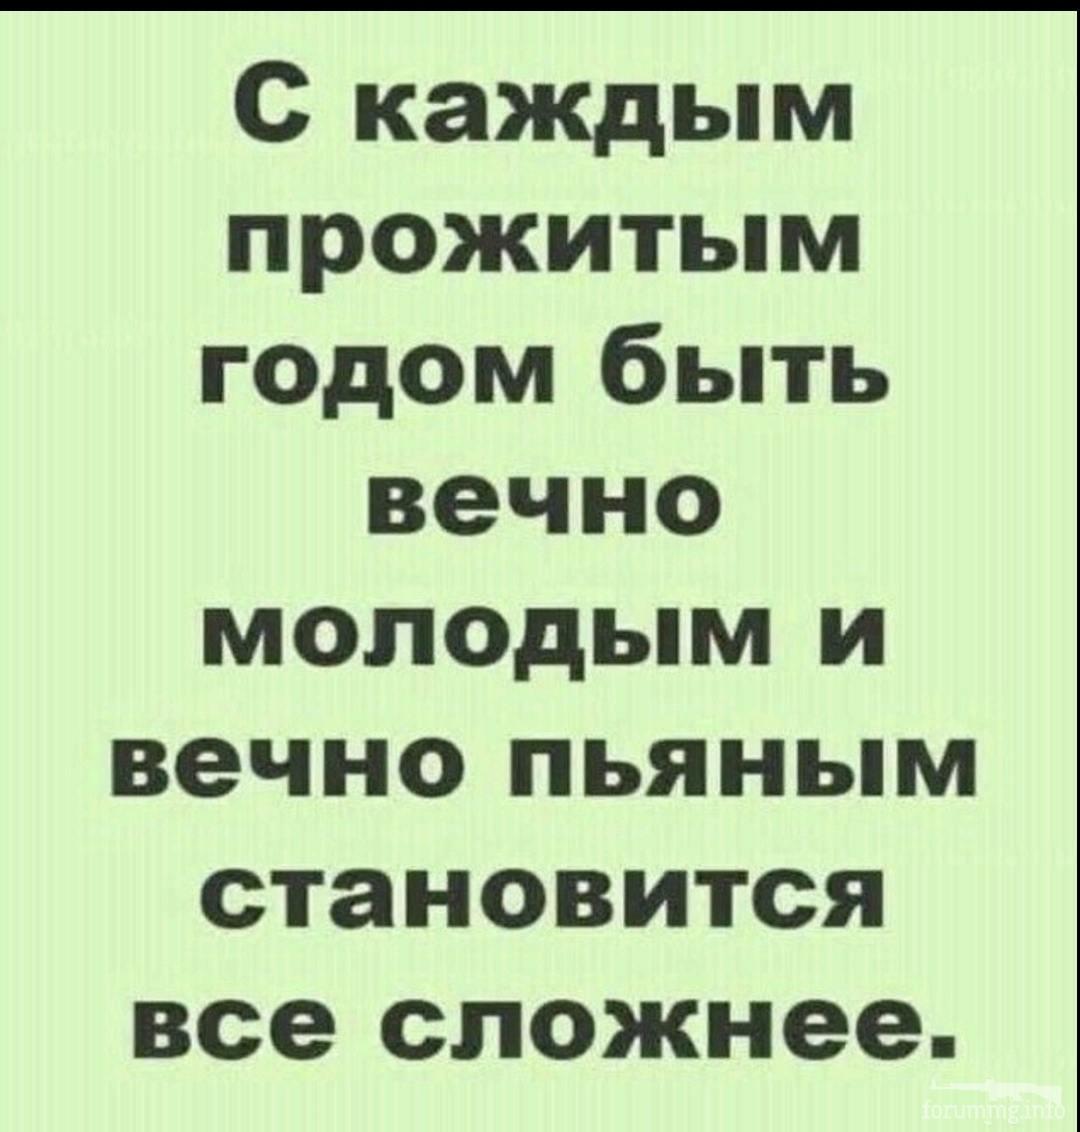 135719 - Пить или не пить? - пятничная алкогольная тема )))